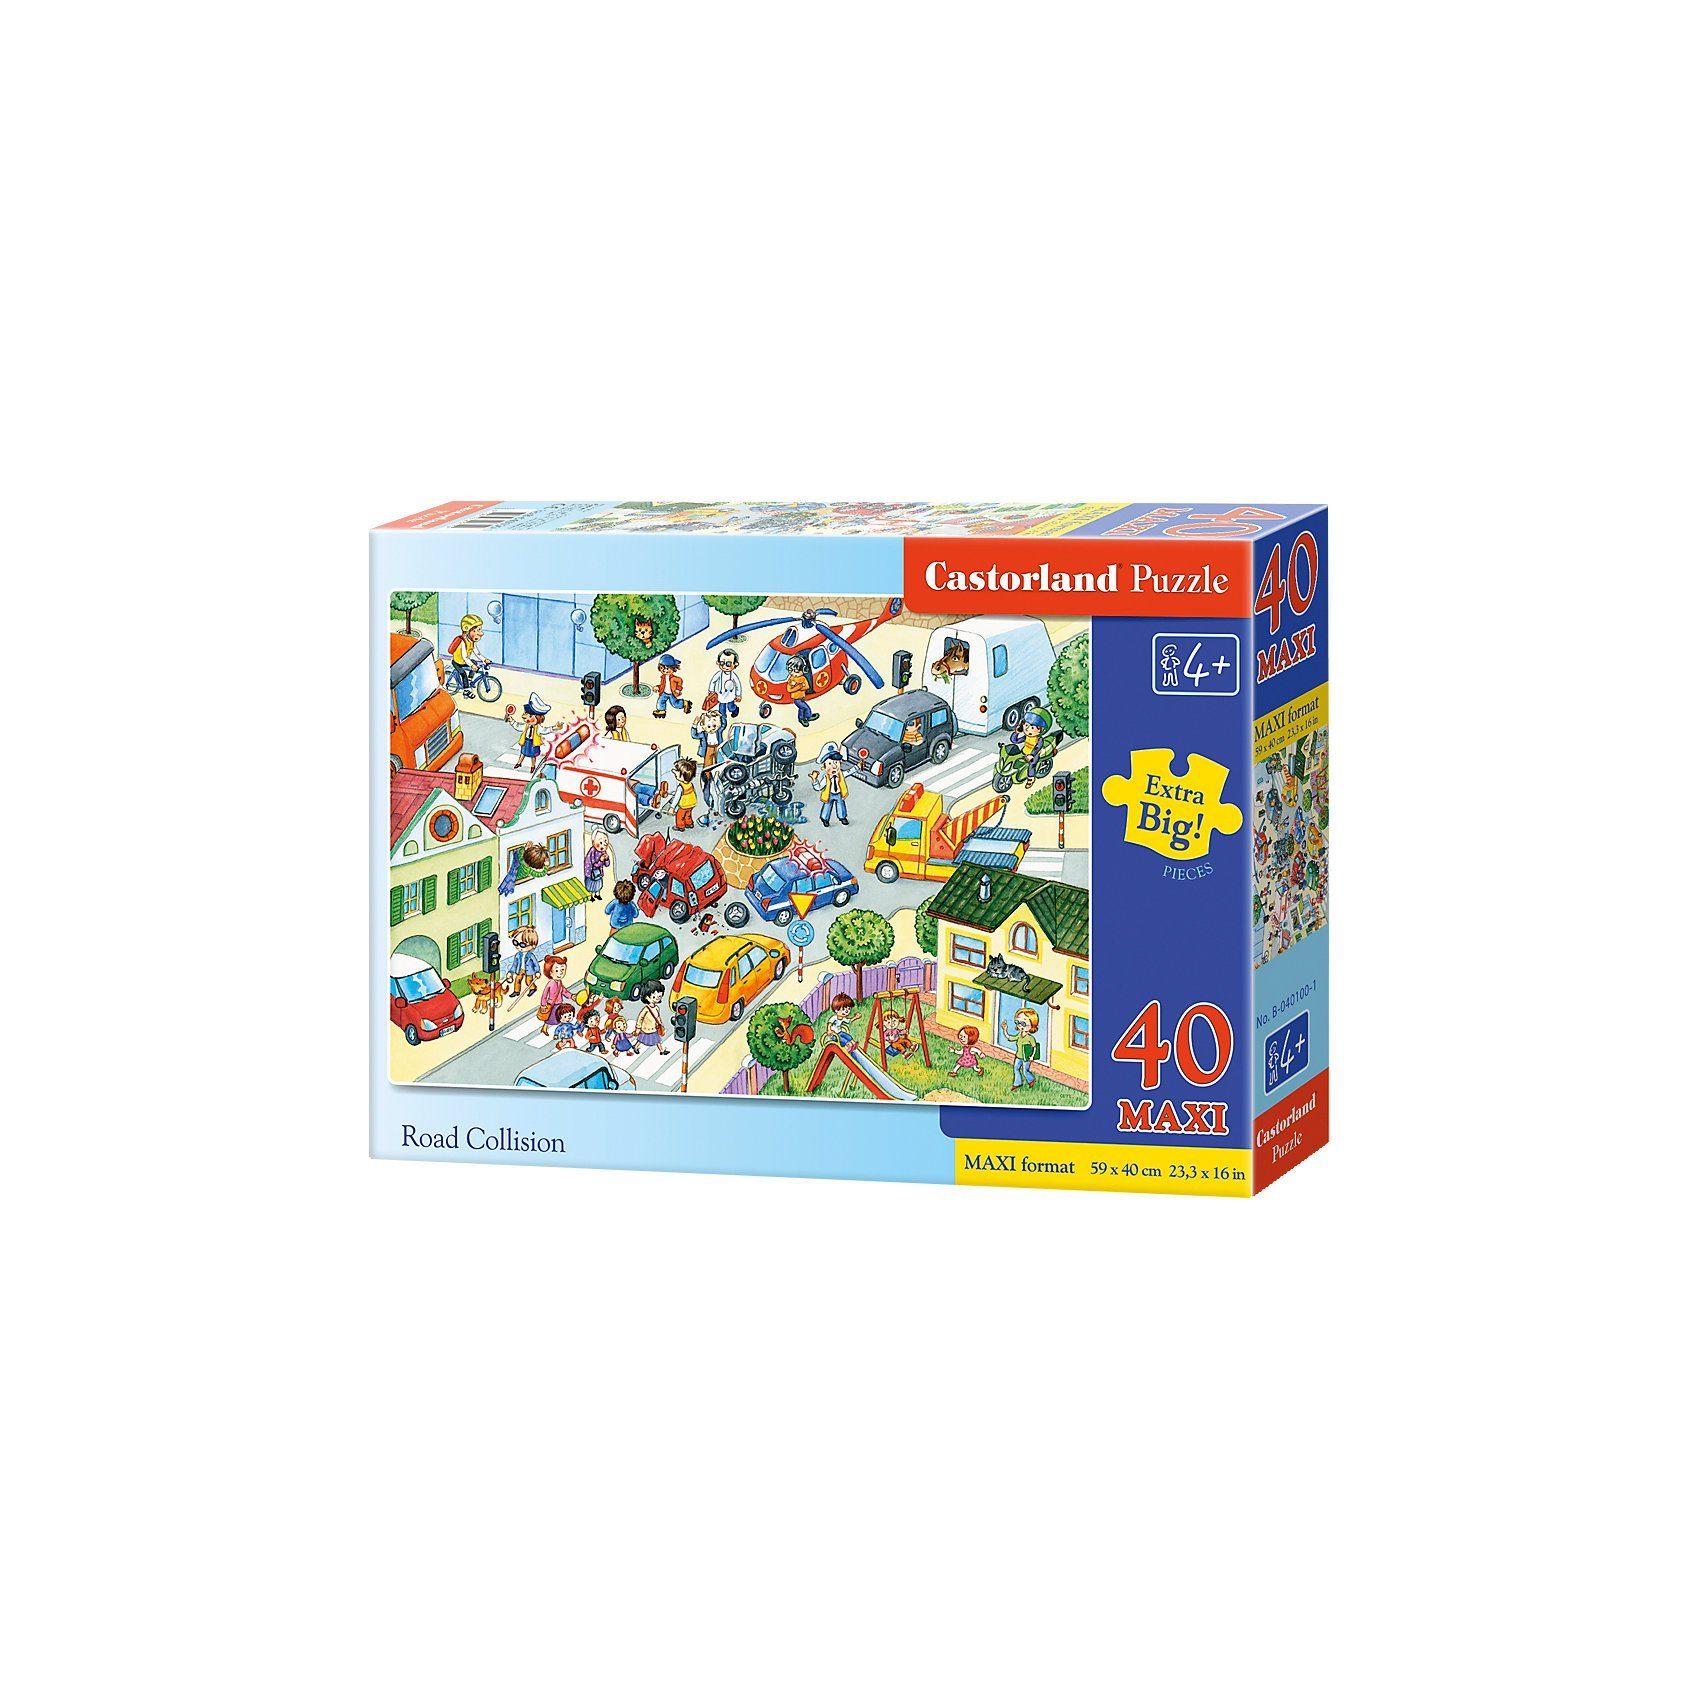 Castorland Bodenpuzzle 40 Teile Maxi - Verkehrsunfall